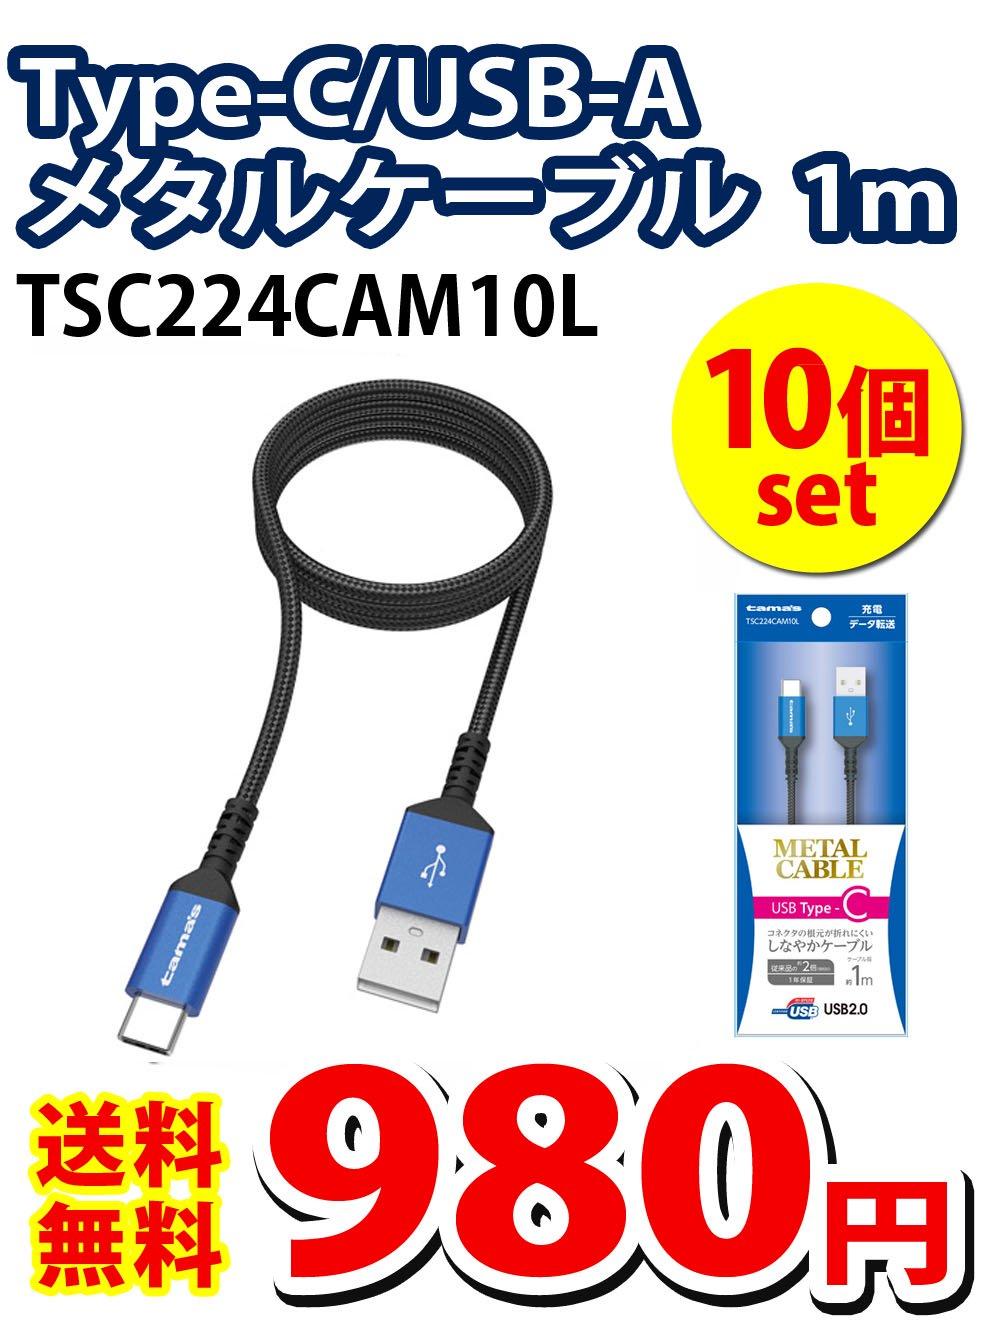 【送料無料】Type-C/USB-A メタルケーブル ロングブッシュ 1m TSC224CAM10L【10個セット】980円